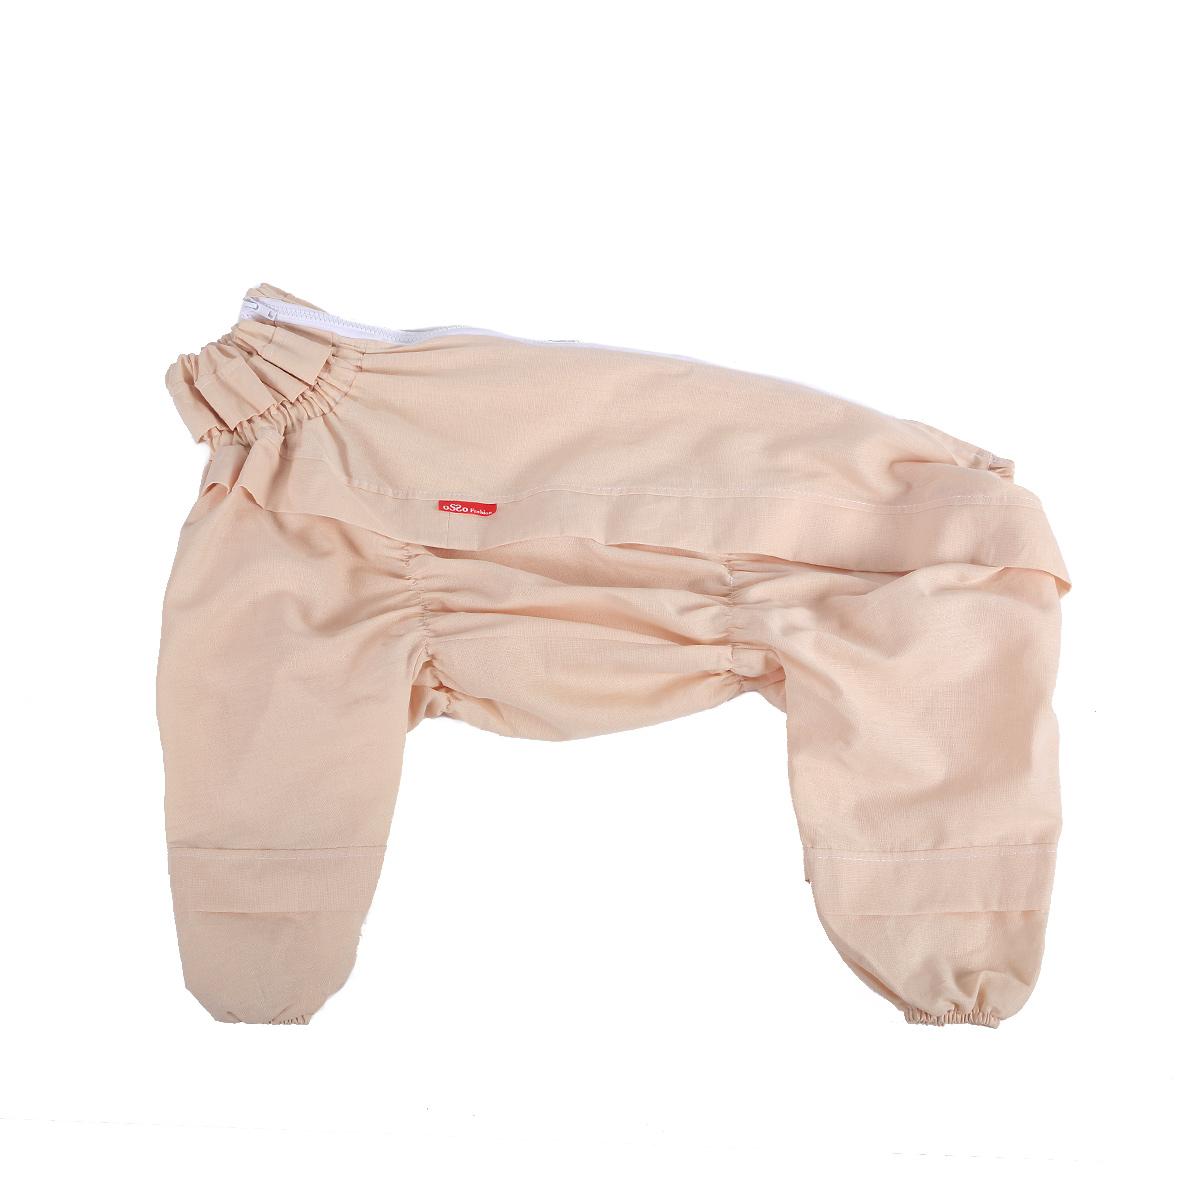 Комбинезон для собак OSSO Fashion, от клещей, для мальчика, цвет: бежевый. Размер 40Кк-1002Комбинезон для собак OSSO Fashion изготовлен из 100% хлопка, имеет светлую расцветку, на которой сразу будут заметны кровососущие насекомые. Комбинезон предназначен для защиты собак во время прогулок по парку и лесу. Разработан с учетом особенностей поведения клещей. На комбинезоне имеются складки-ловушки на груди, на штанинах, на боках комбинезона и на шее, которые преграждают движение насекомого вверх. Комбинезон очень легкий и удобный. Низ штанин на резинке, на спине застегивается на молнию.Длина спинки: 40 см. Объем груди: 50-68 см.Одежда для собак: нужна ли она и как её выбрать. Статья OZON Гид